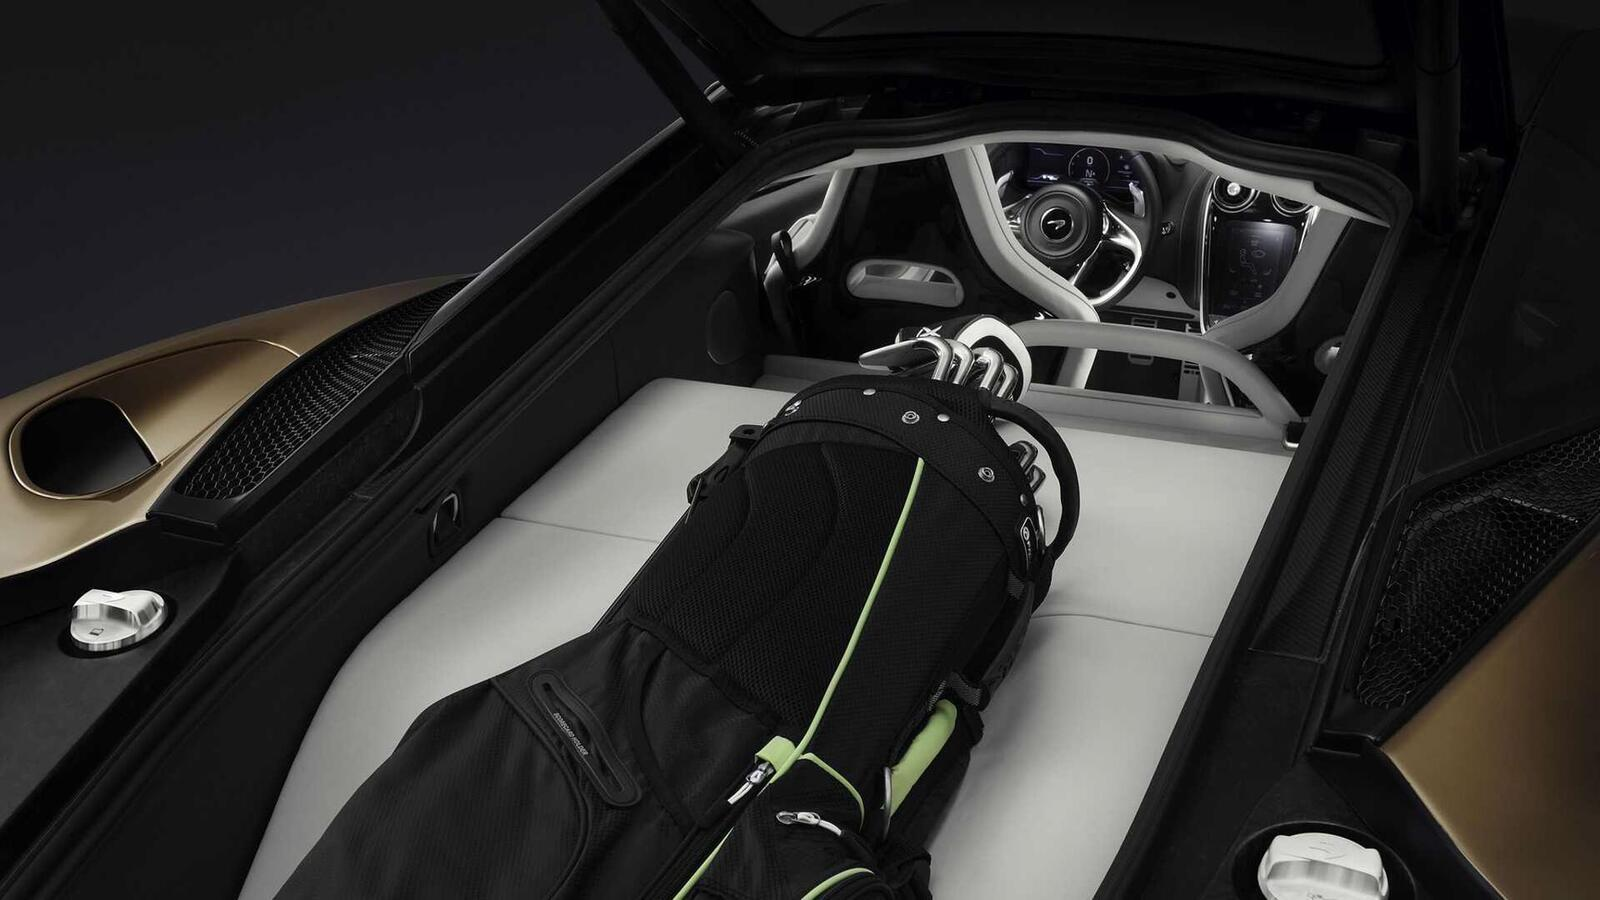 McLaren giới thiệu siêu xe GT 2020 hoàn toàn mới: Động cơ mạnh mẽ và cabin thoải mái - Hình 4